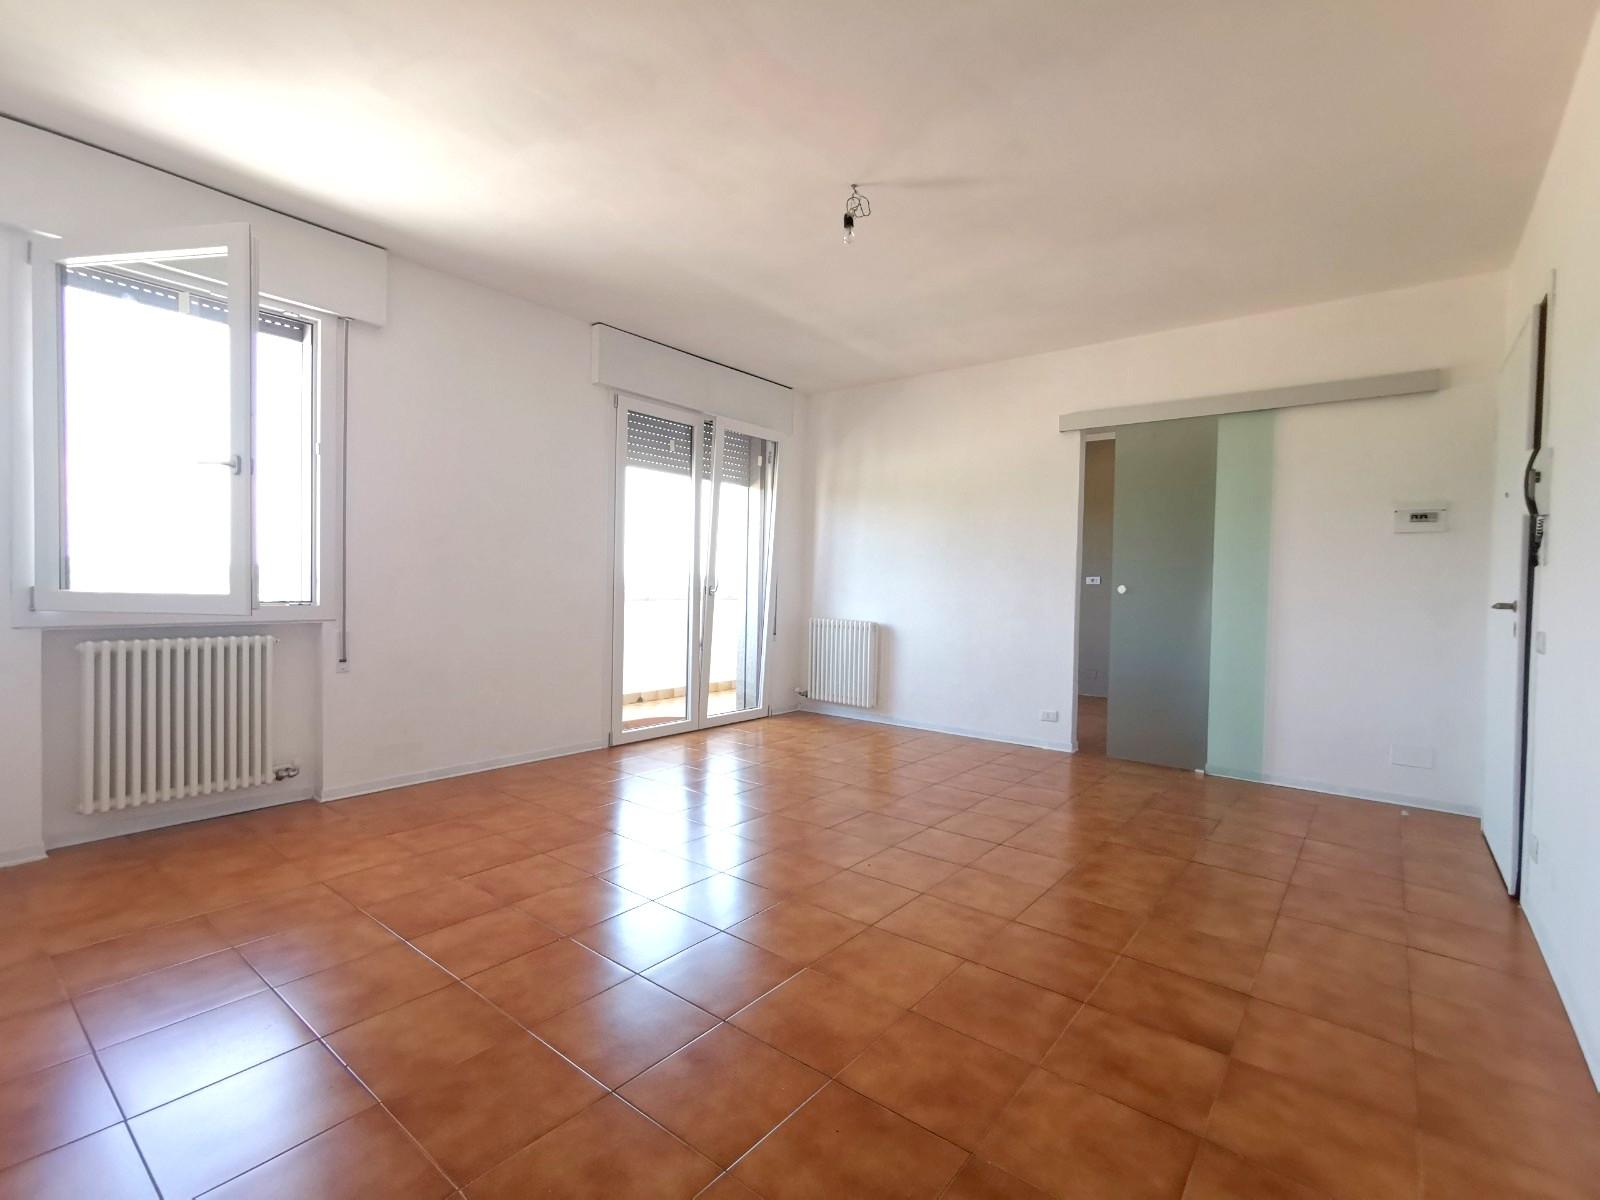 Appartamento in vendita a Campo San Martino, 5 locali, zona Zona: Marsango, prezzo € 89.000 | CambioCasa.it